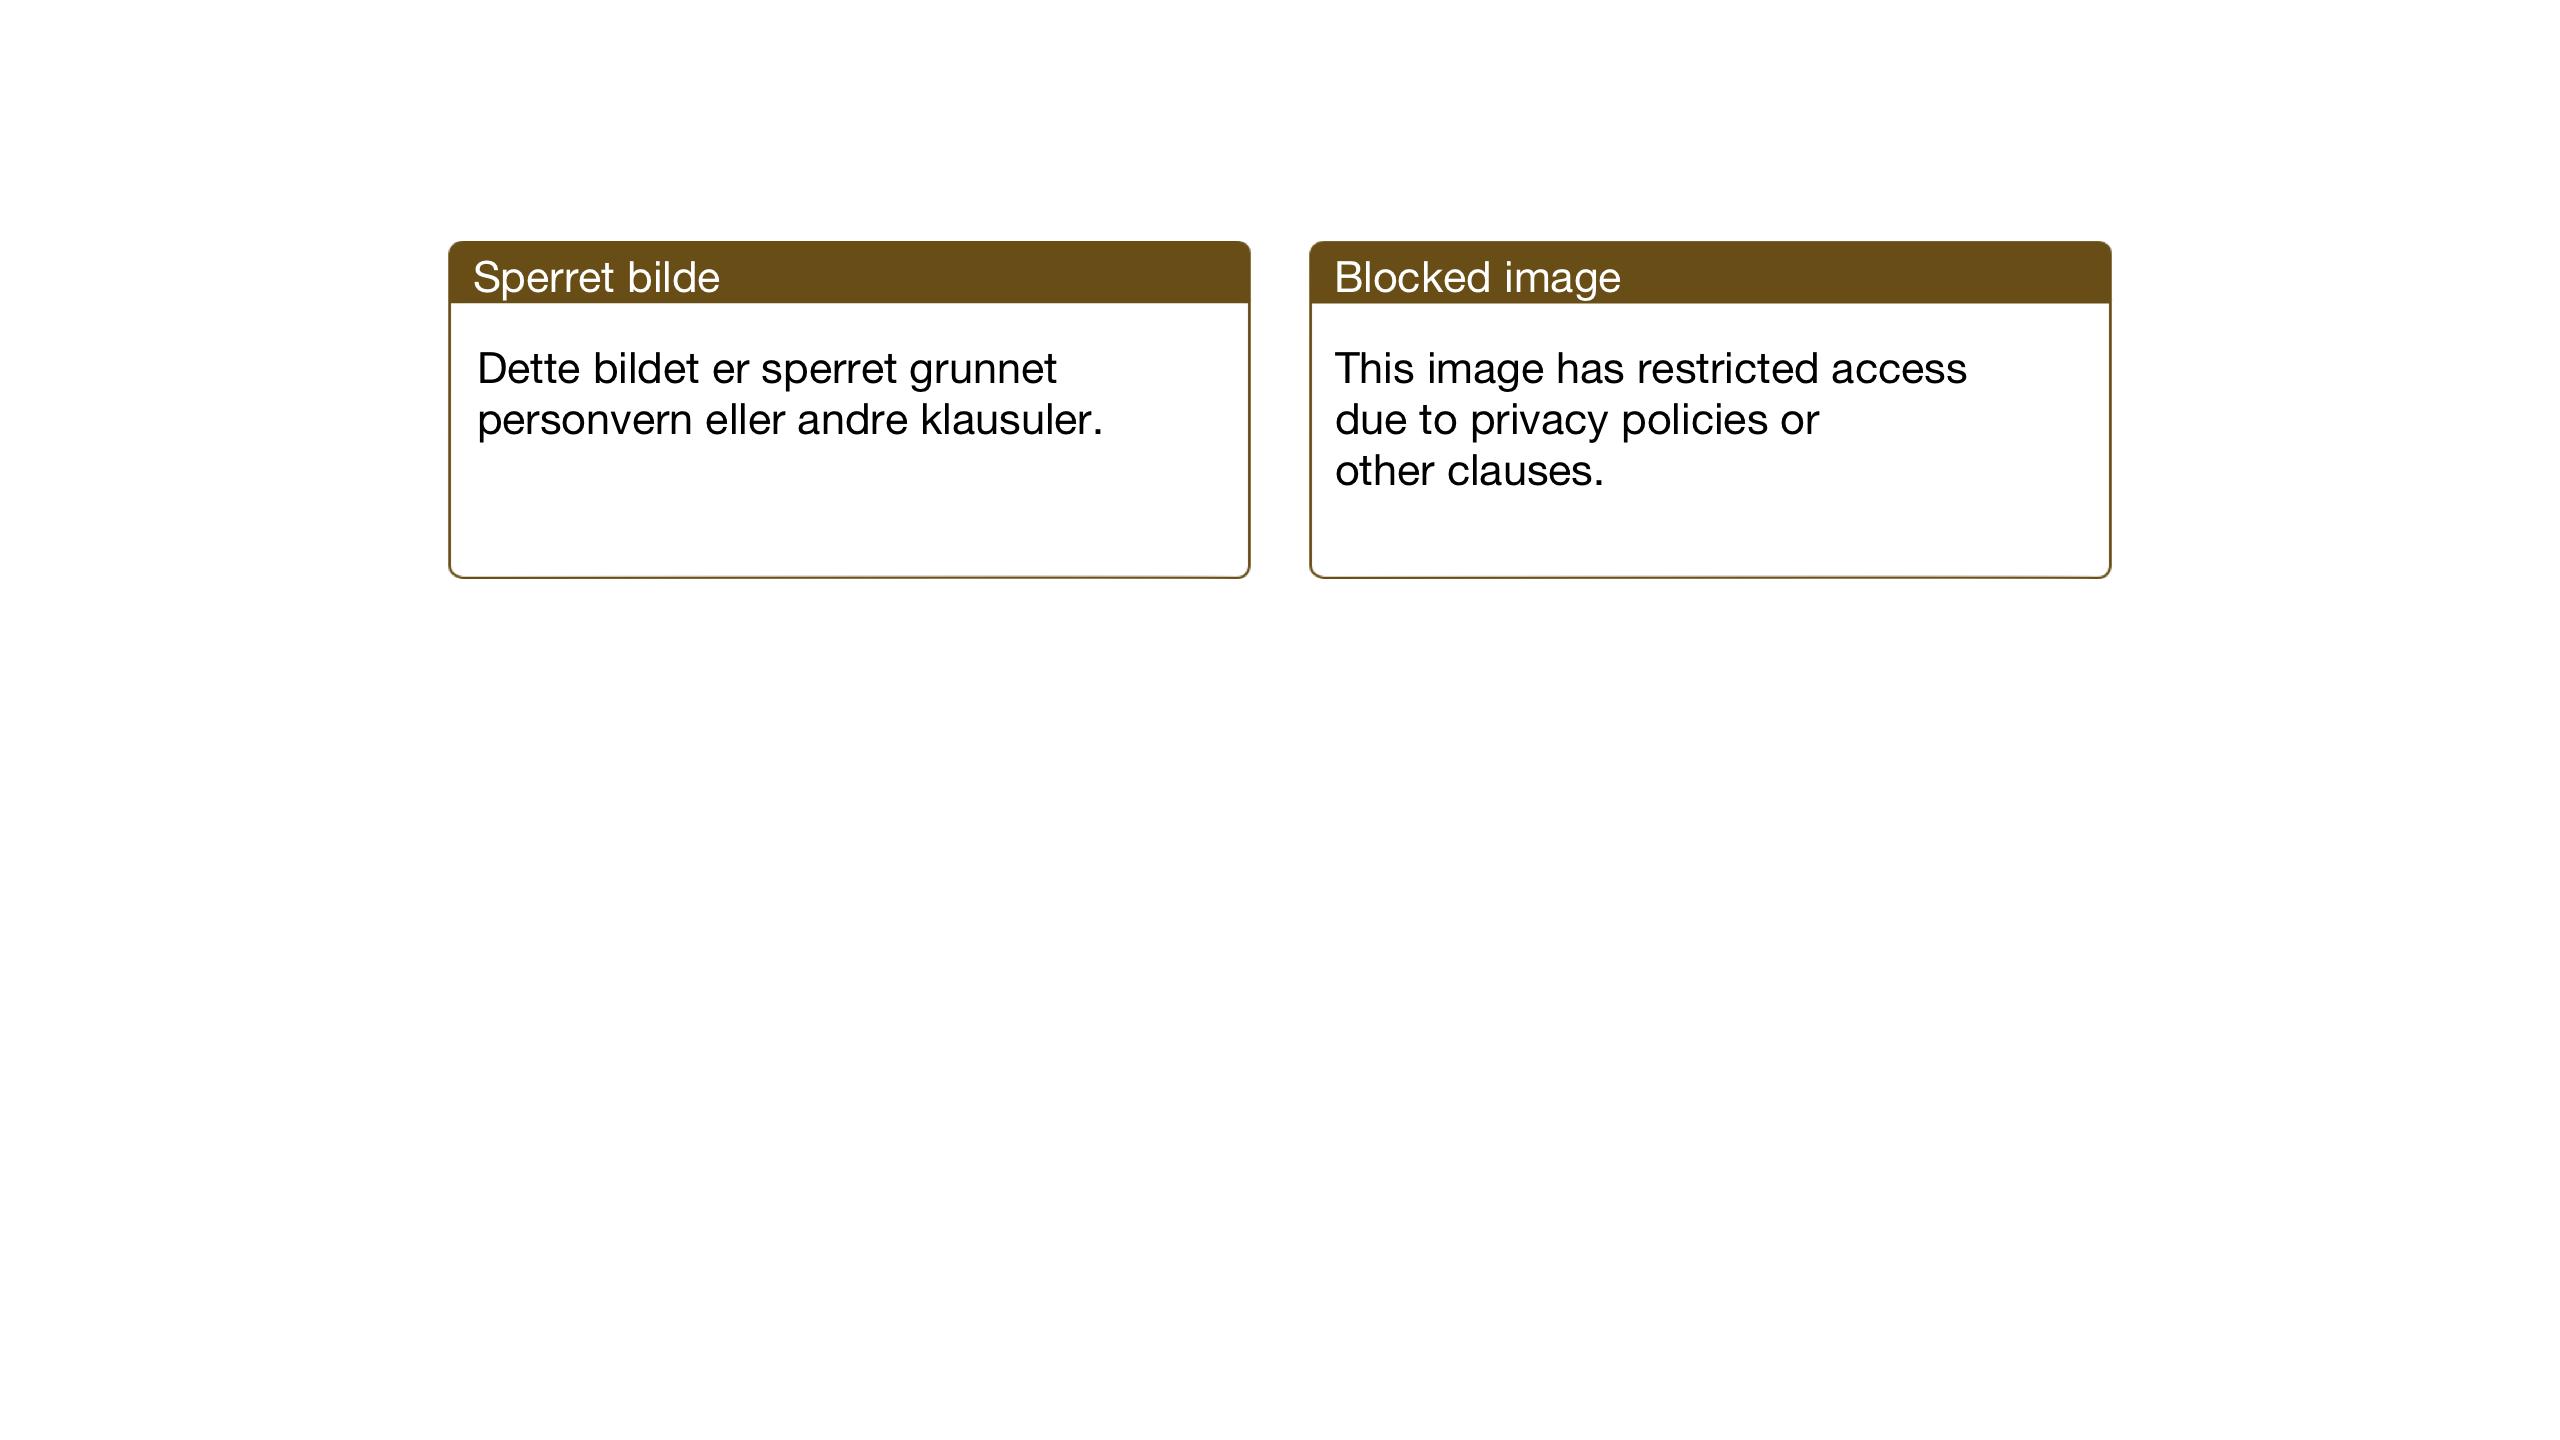 SAT, Ministerialprotokoller, klokkerbøker og fødselsregistre - Sør-Trøndelag, 616/L0424: Klokkerbok nr. 616C07, 1904-1940, s. 59